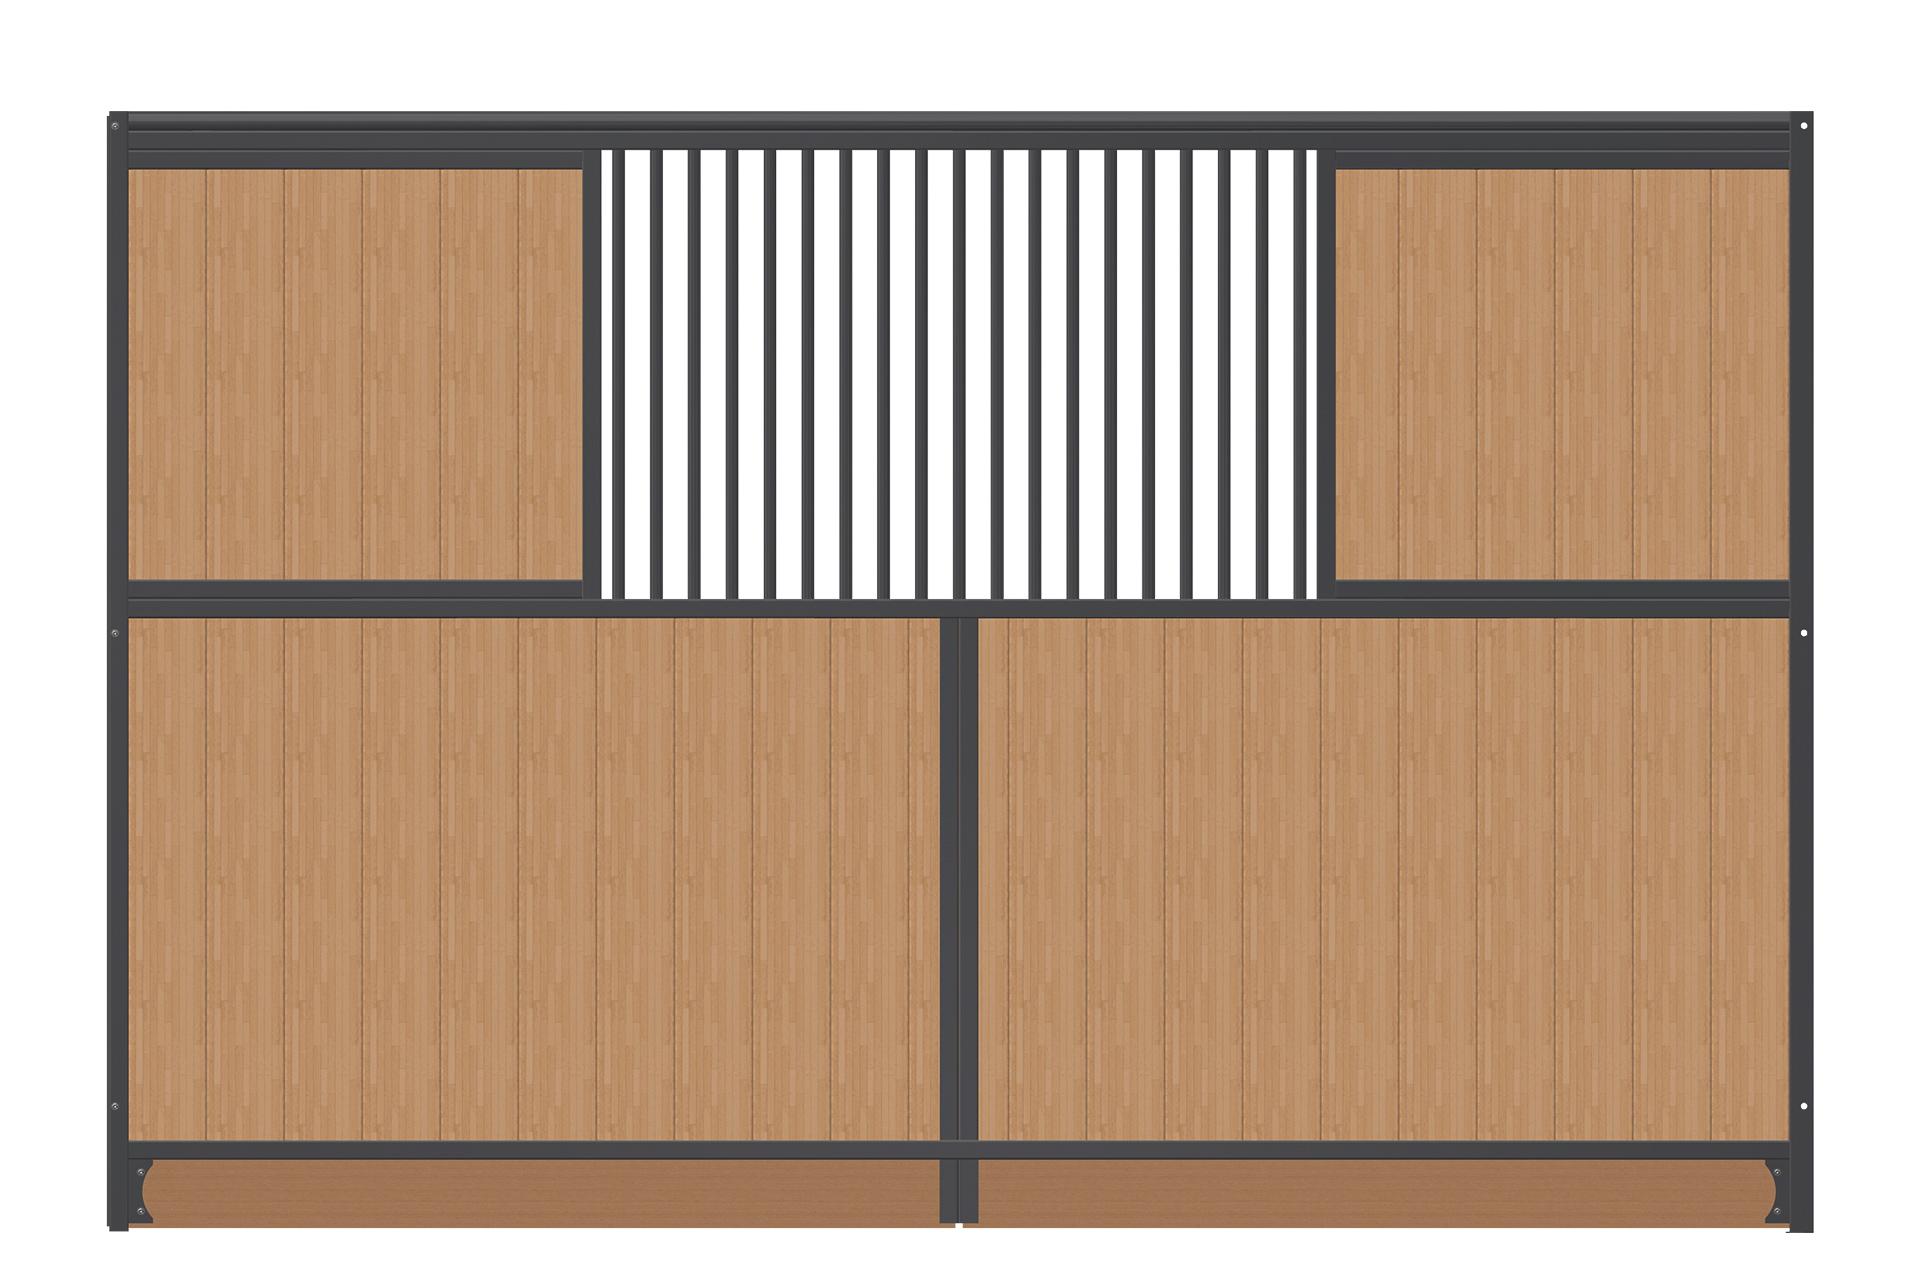 Trennwand-2x-Sichtschutz-grade